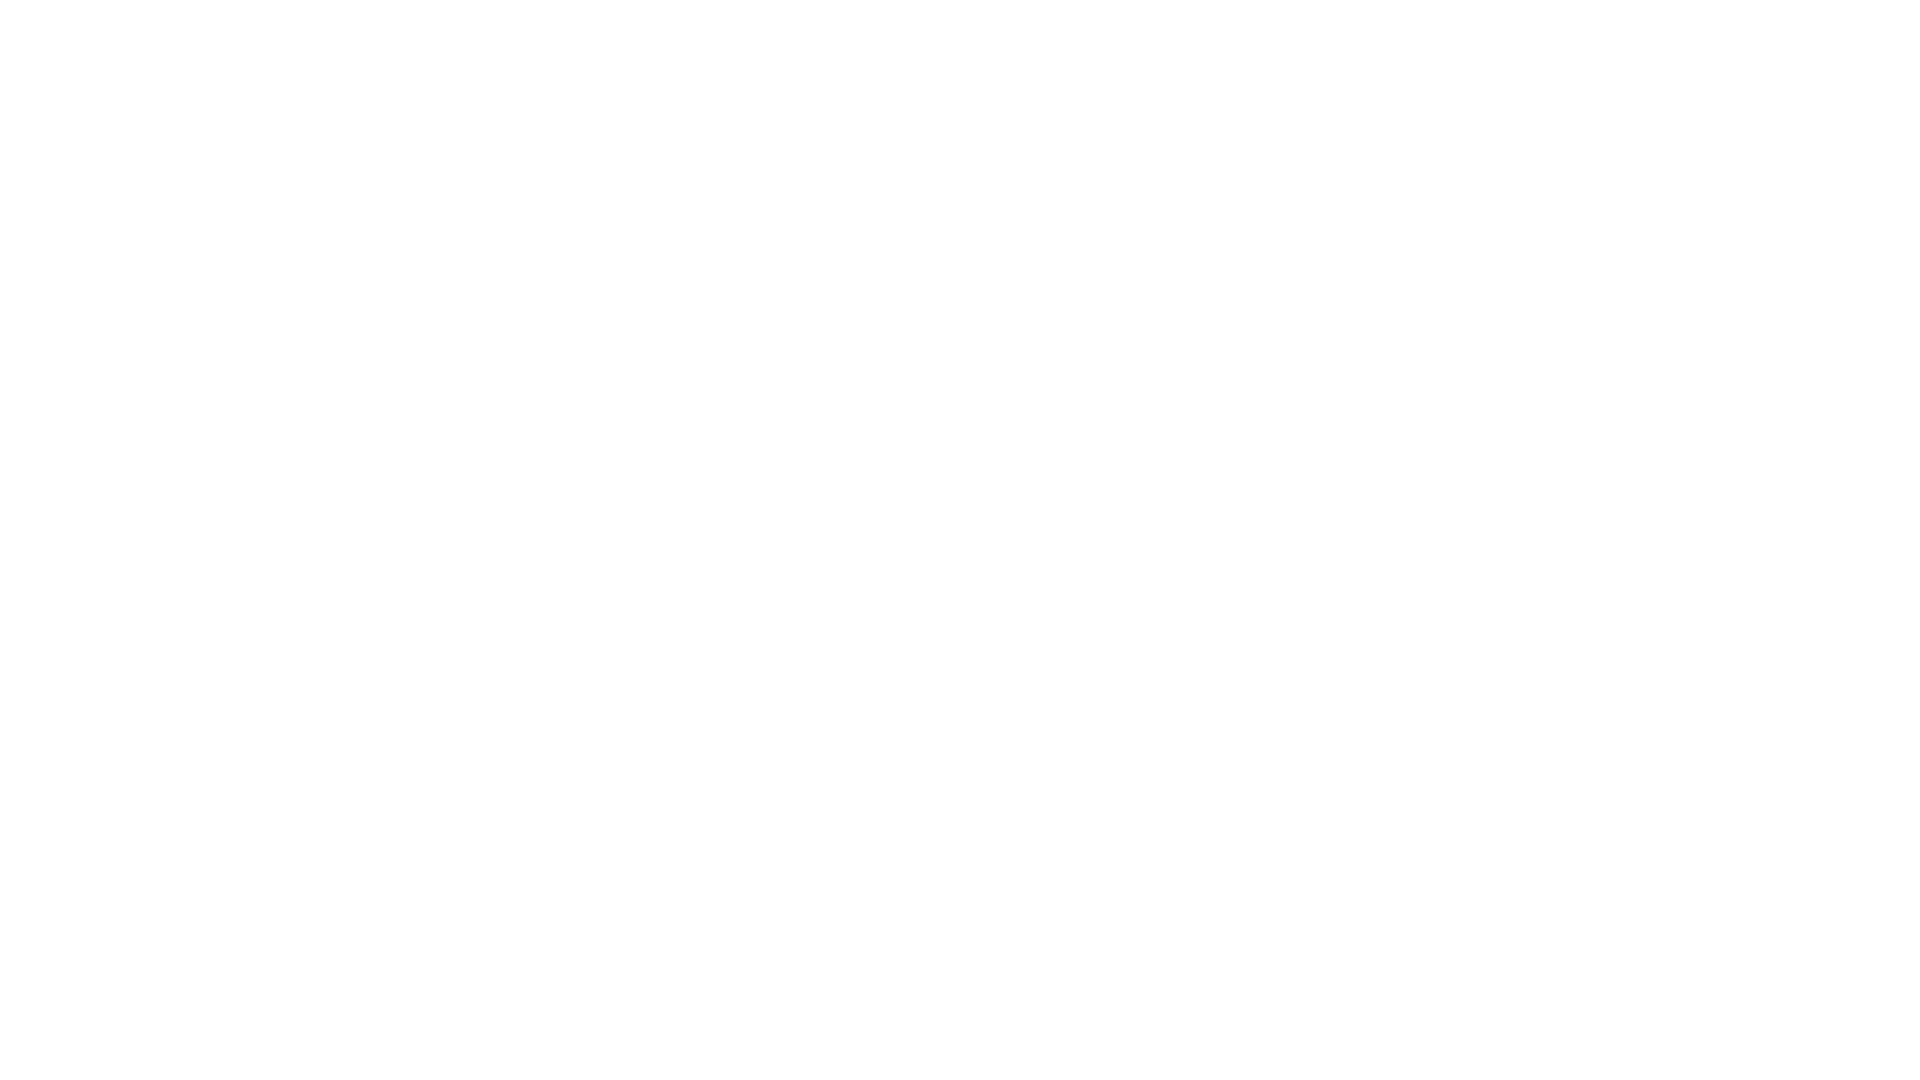 魔術師の お・も・て・な・し vol.11 19歳女子大生にホテルでイタズラ 前編 女子大生のヌード  96画像 60